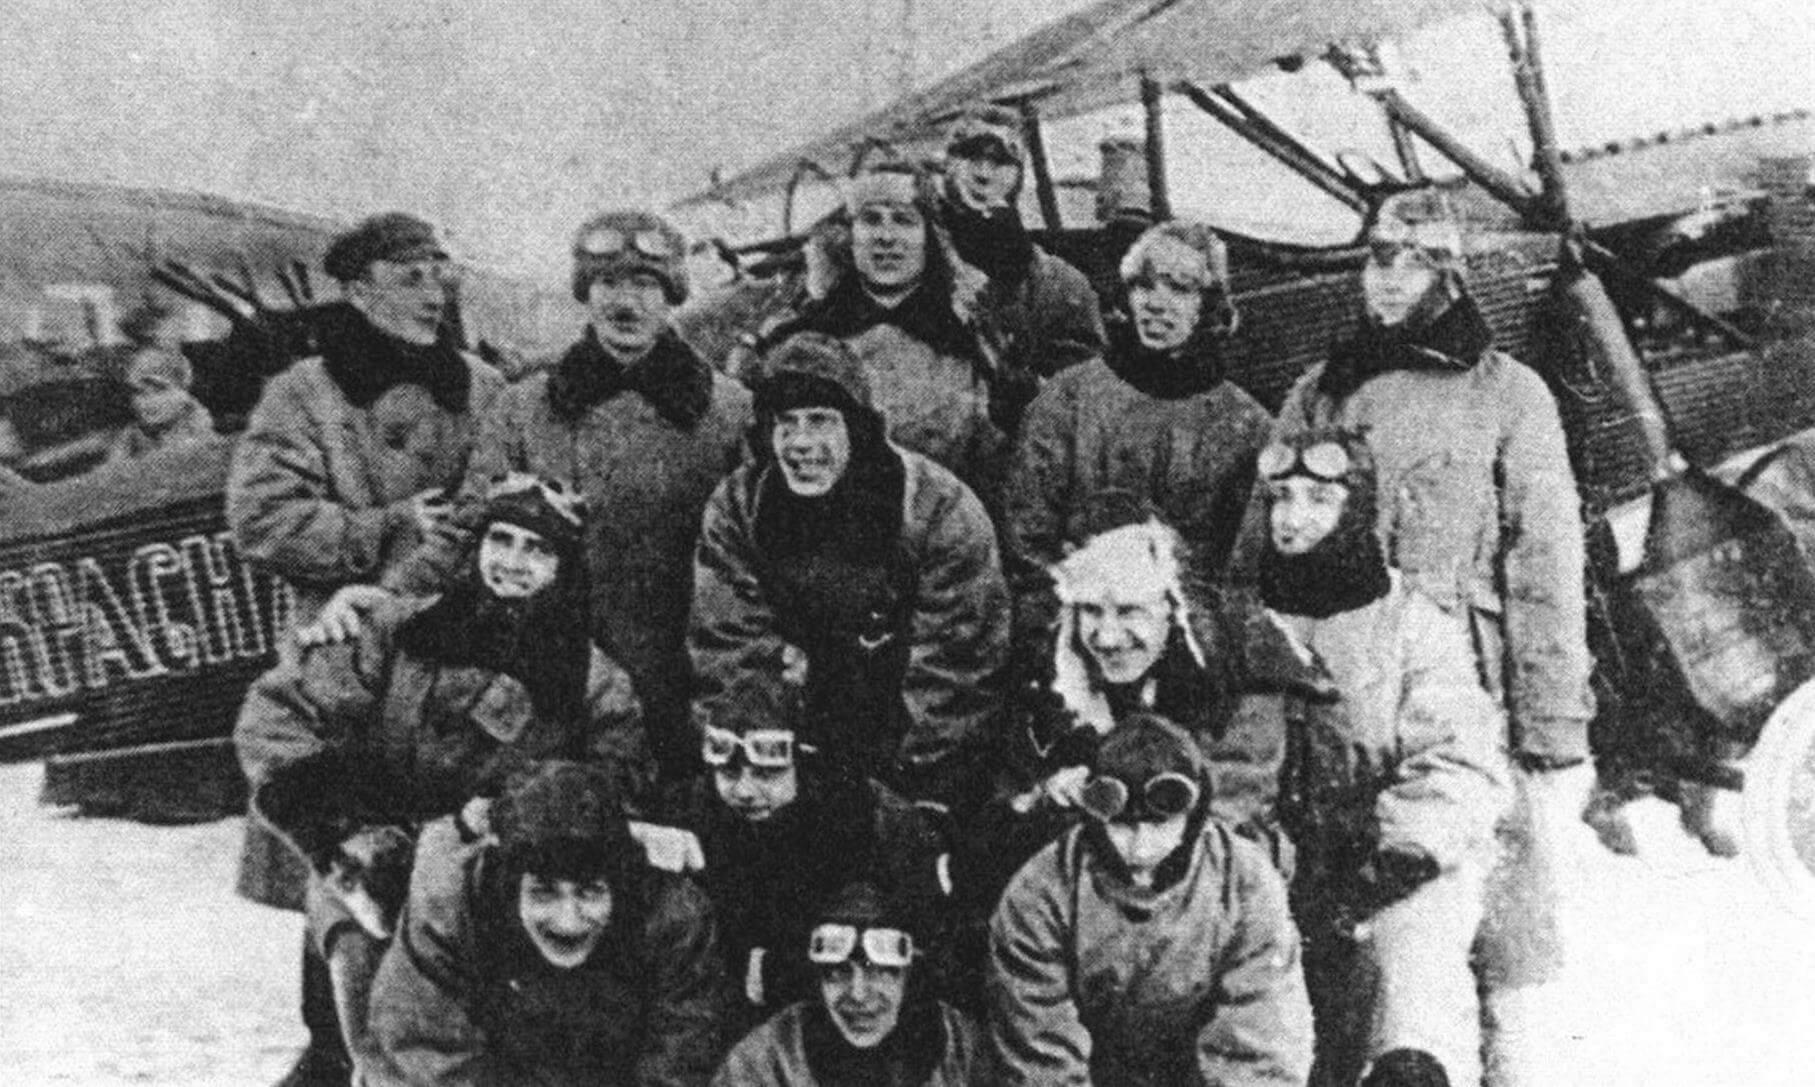 Летчики отряда «Красная Москва» у одного из Ю-21, 1926 г.